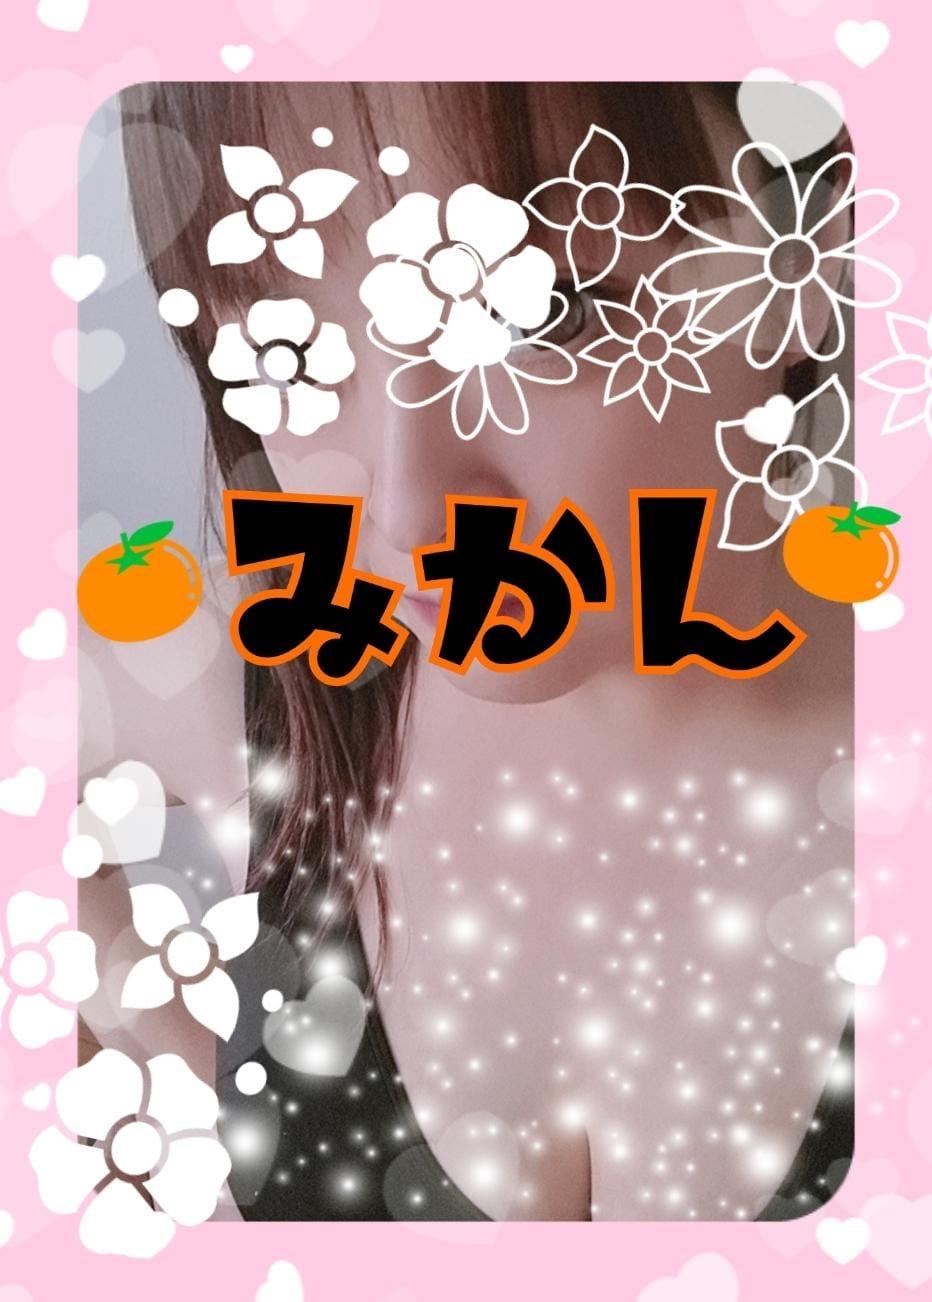 新人みかん「初めまして。みかんデス!」02/17(月) 11:04 | 新人みかんの写メ・風俗動画